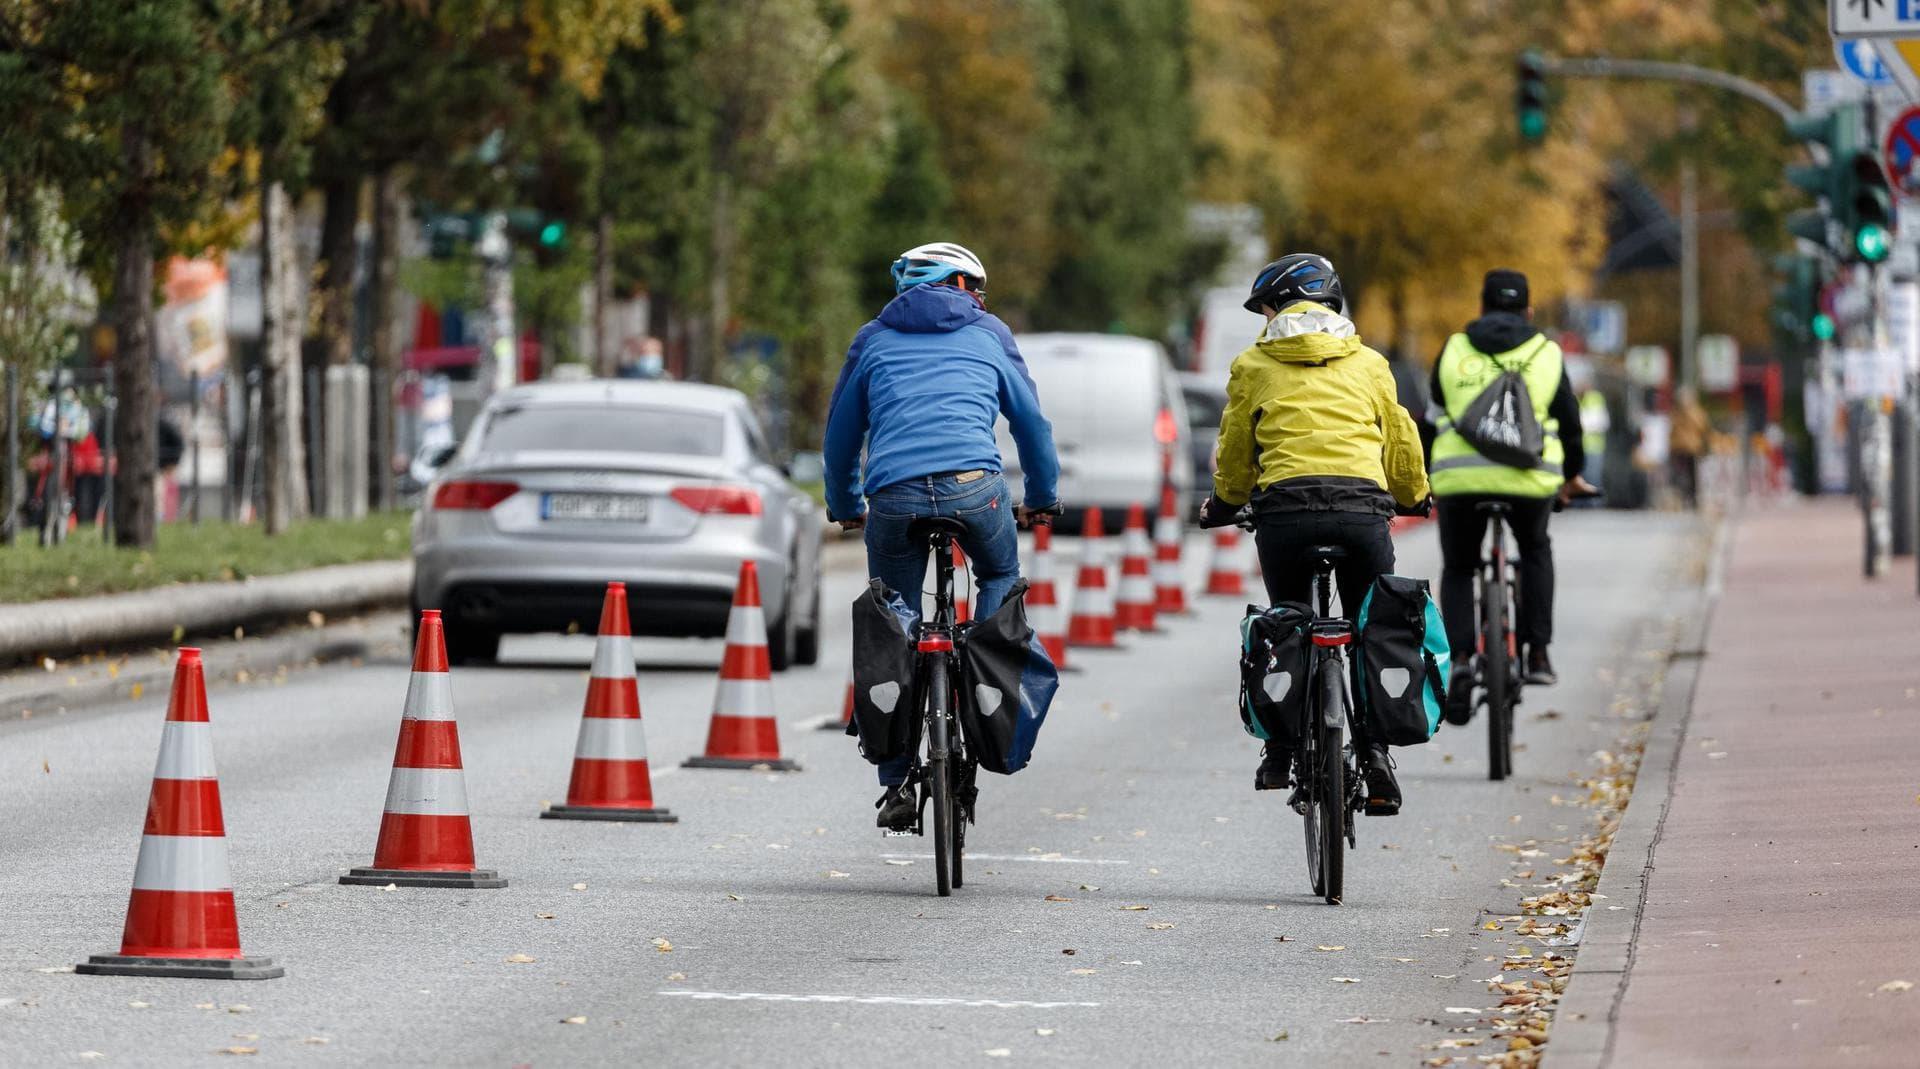 Radverkehr: Fahrradlobby und Kommunen hoffen auf Trendwende Verkehrspolitik